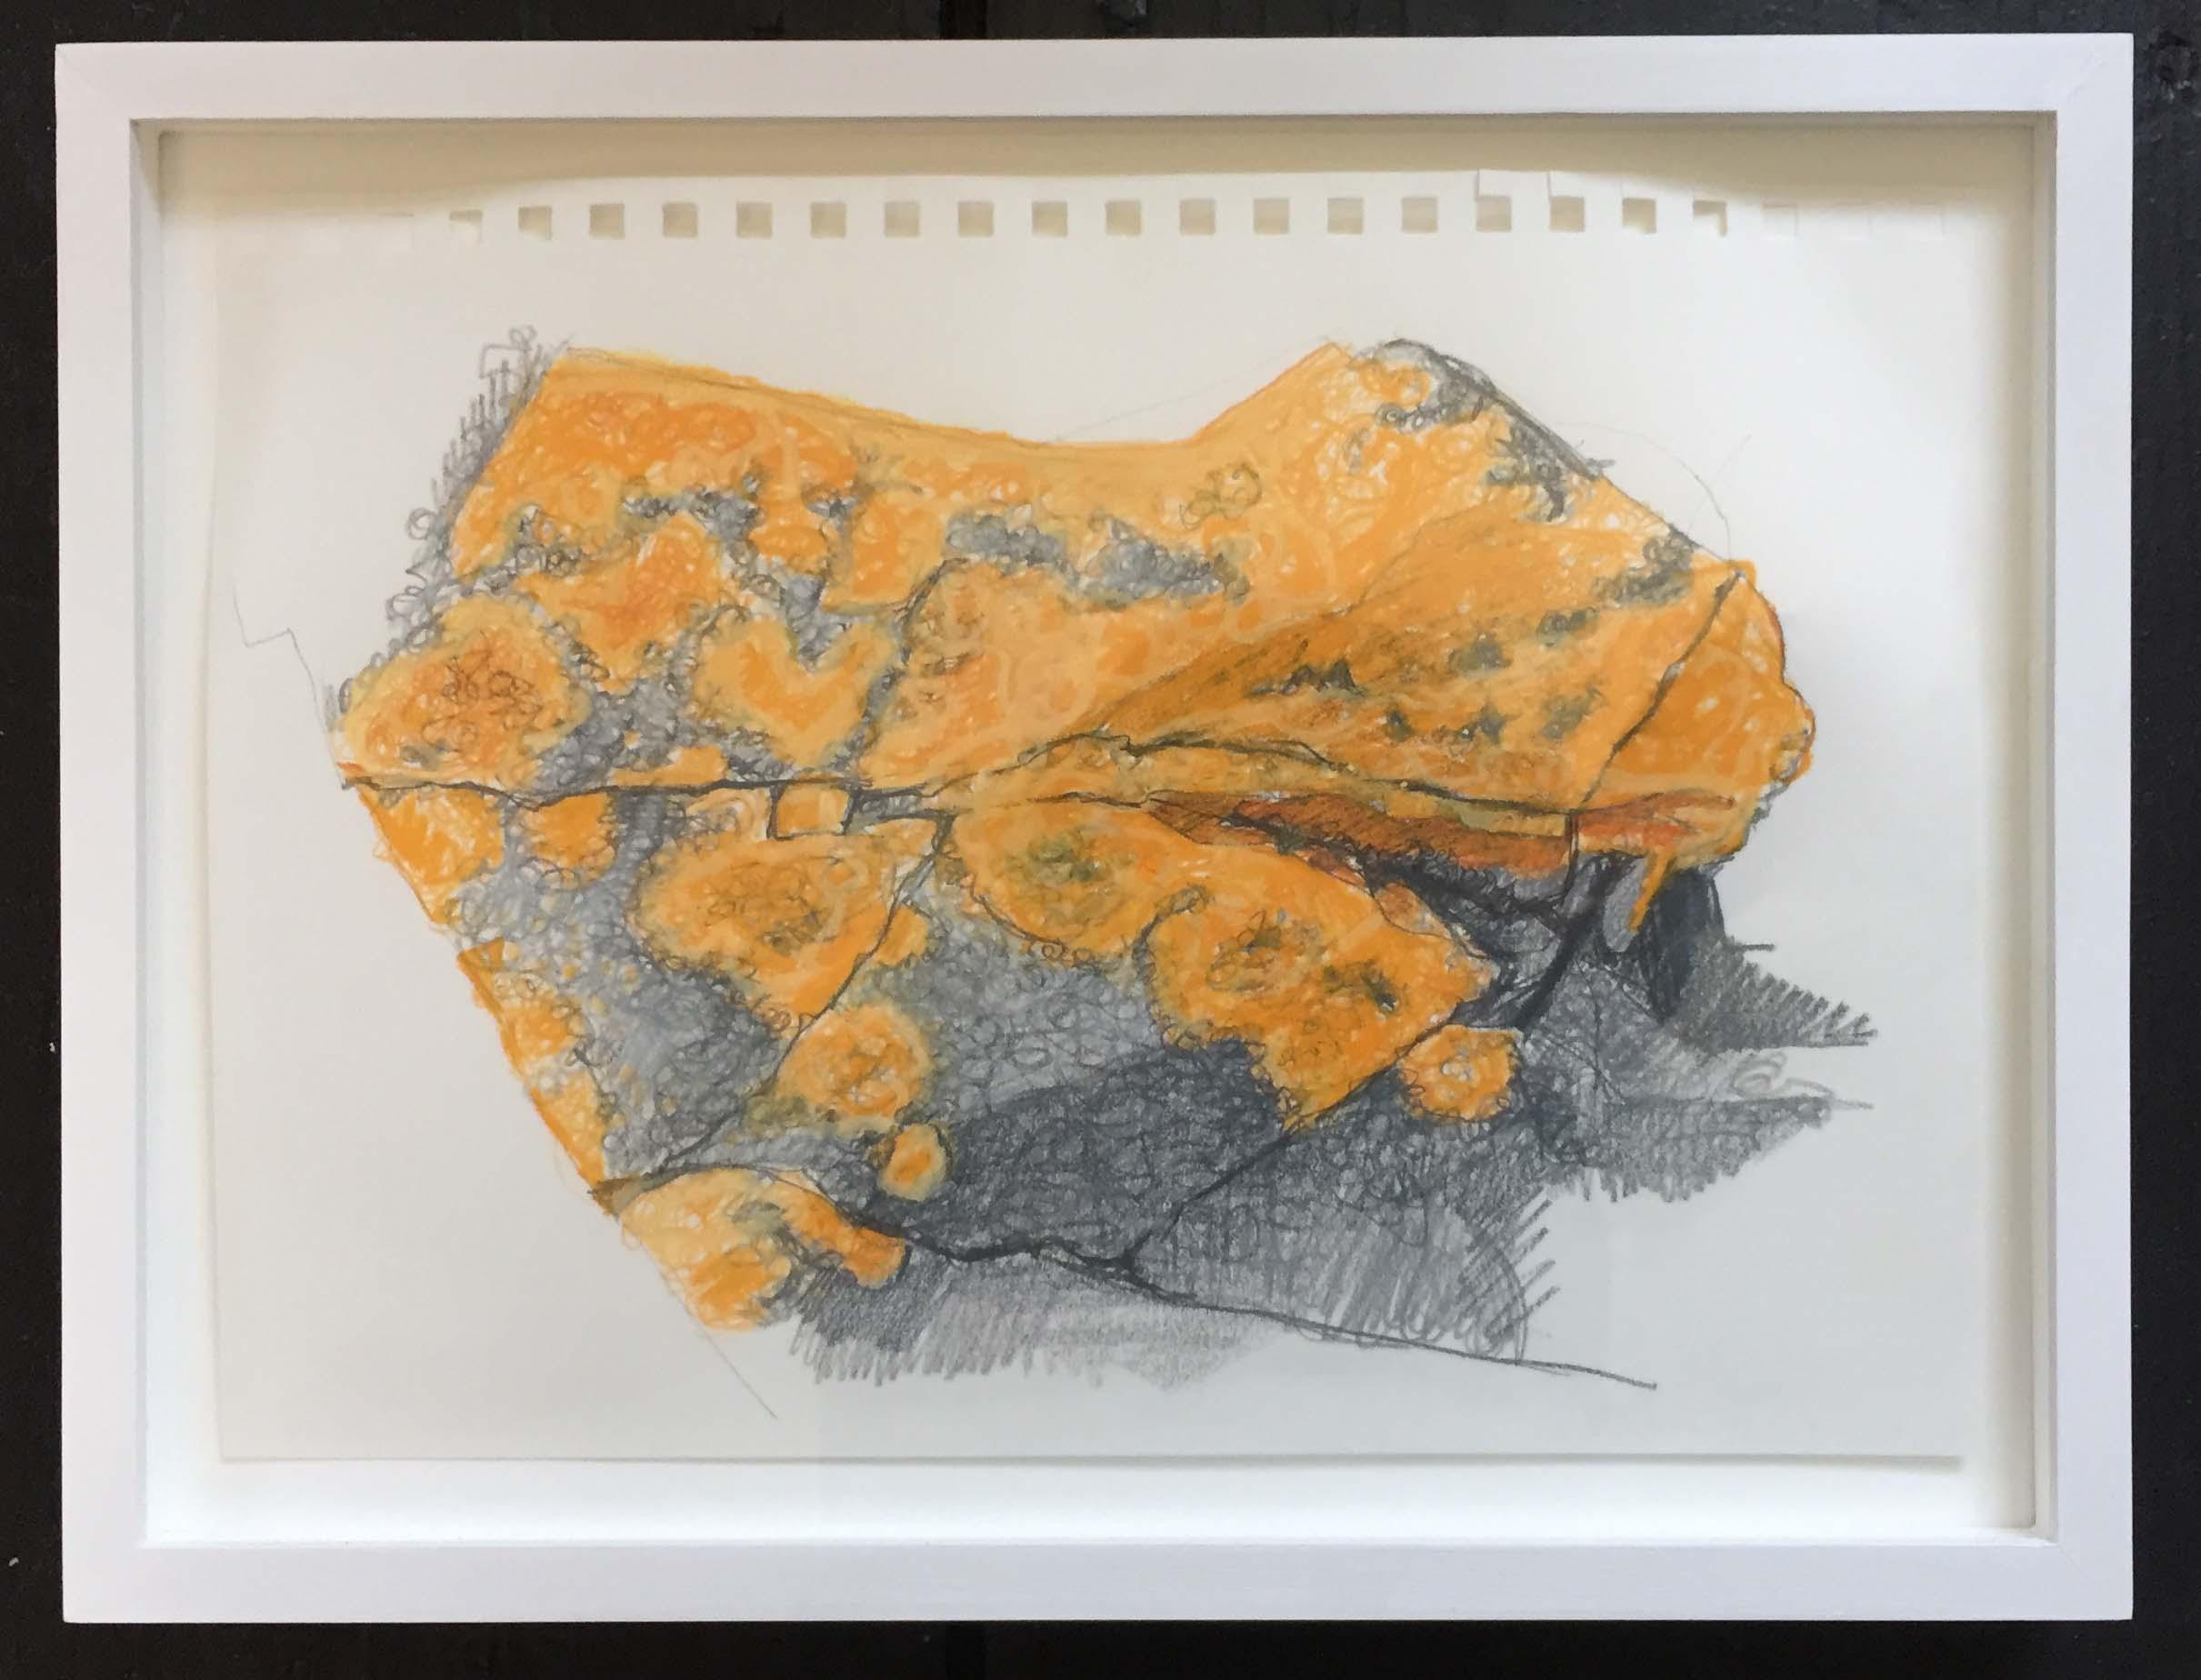 lichen plaid 2_break_8.75x12_09.jpg